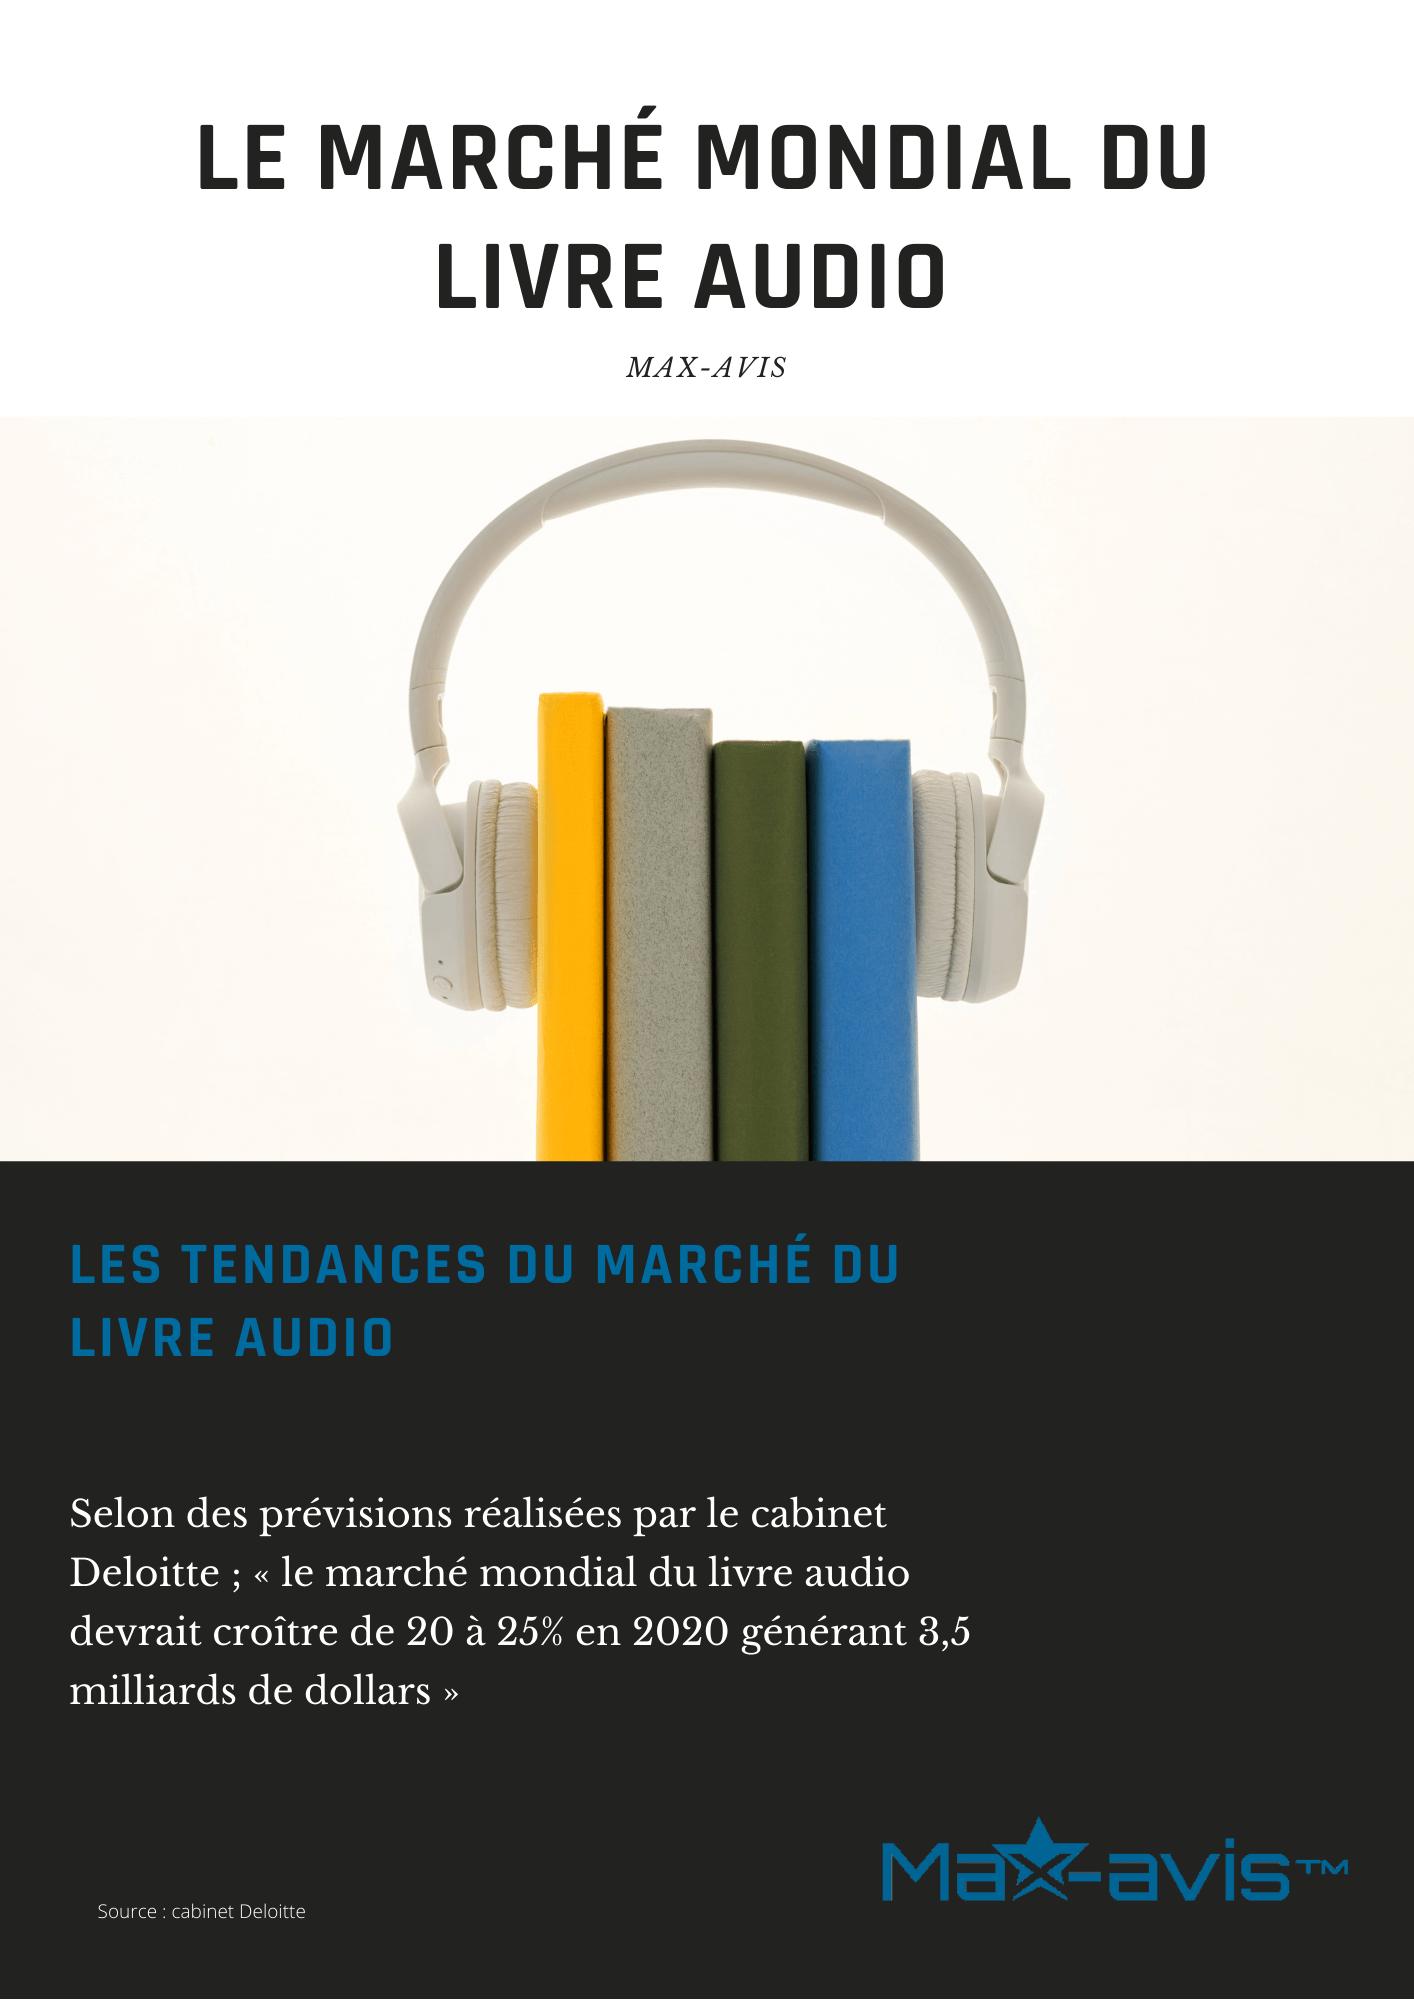 Le marché mondial du livre audio